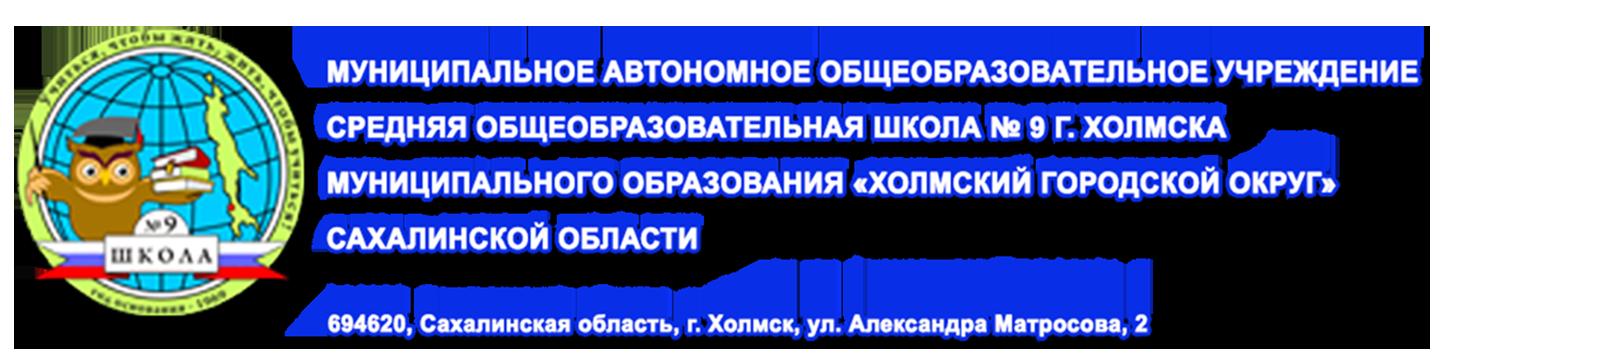 МАОУ СОШ № 9 г. Холмска